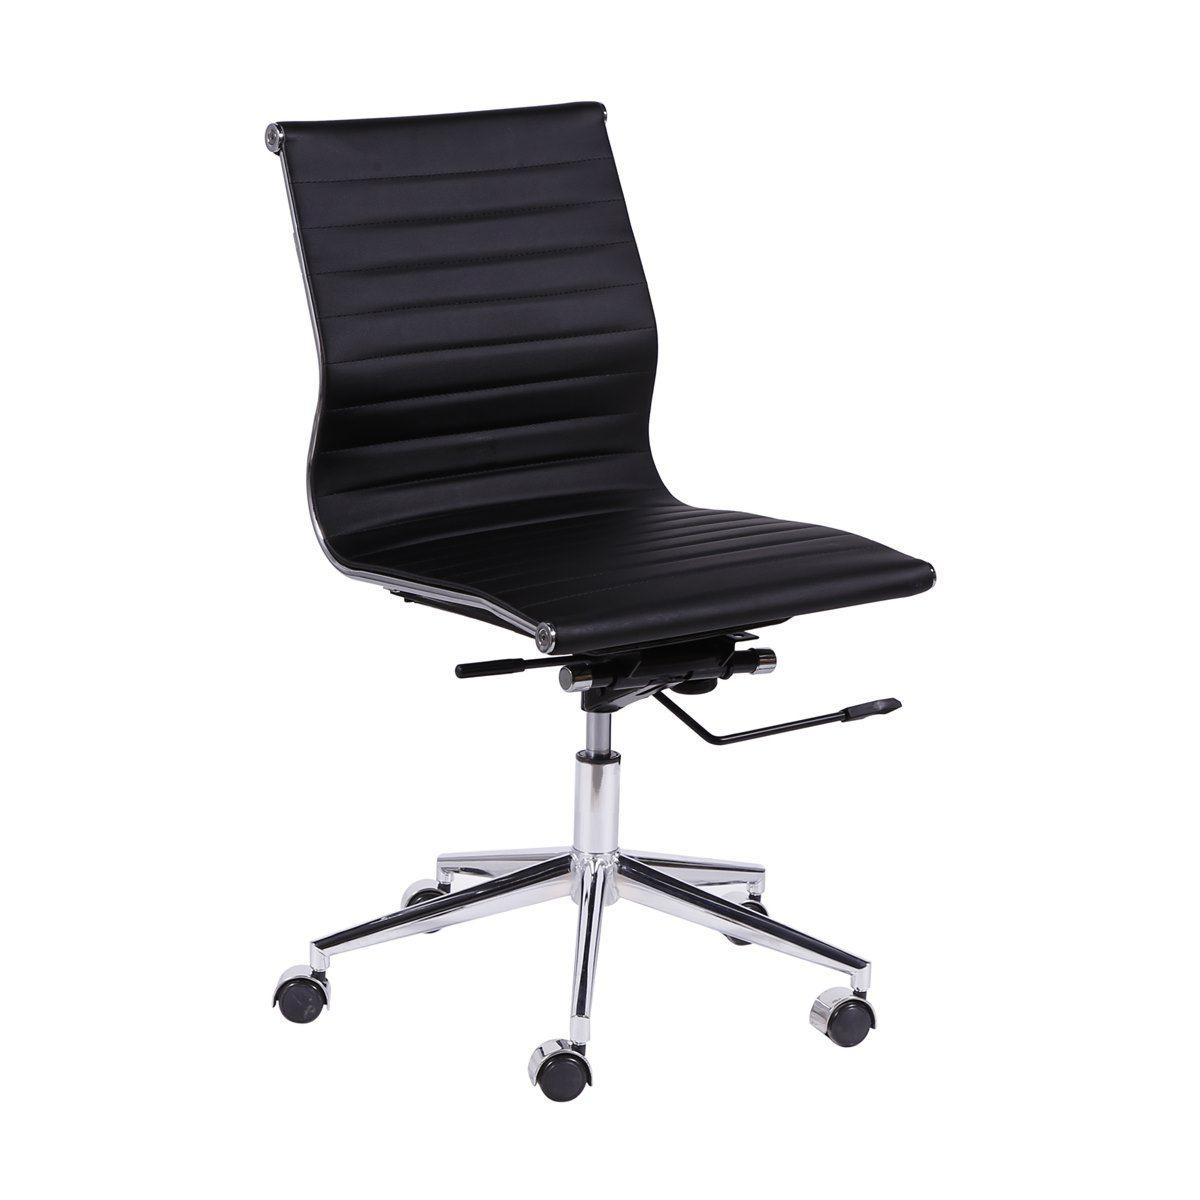 Cadeira Charles Eames Office Esteirinha Corino Baixa sem Braco Preta